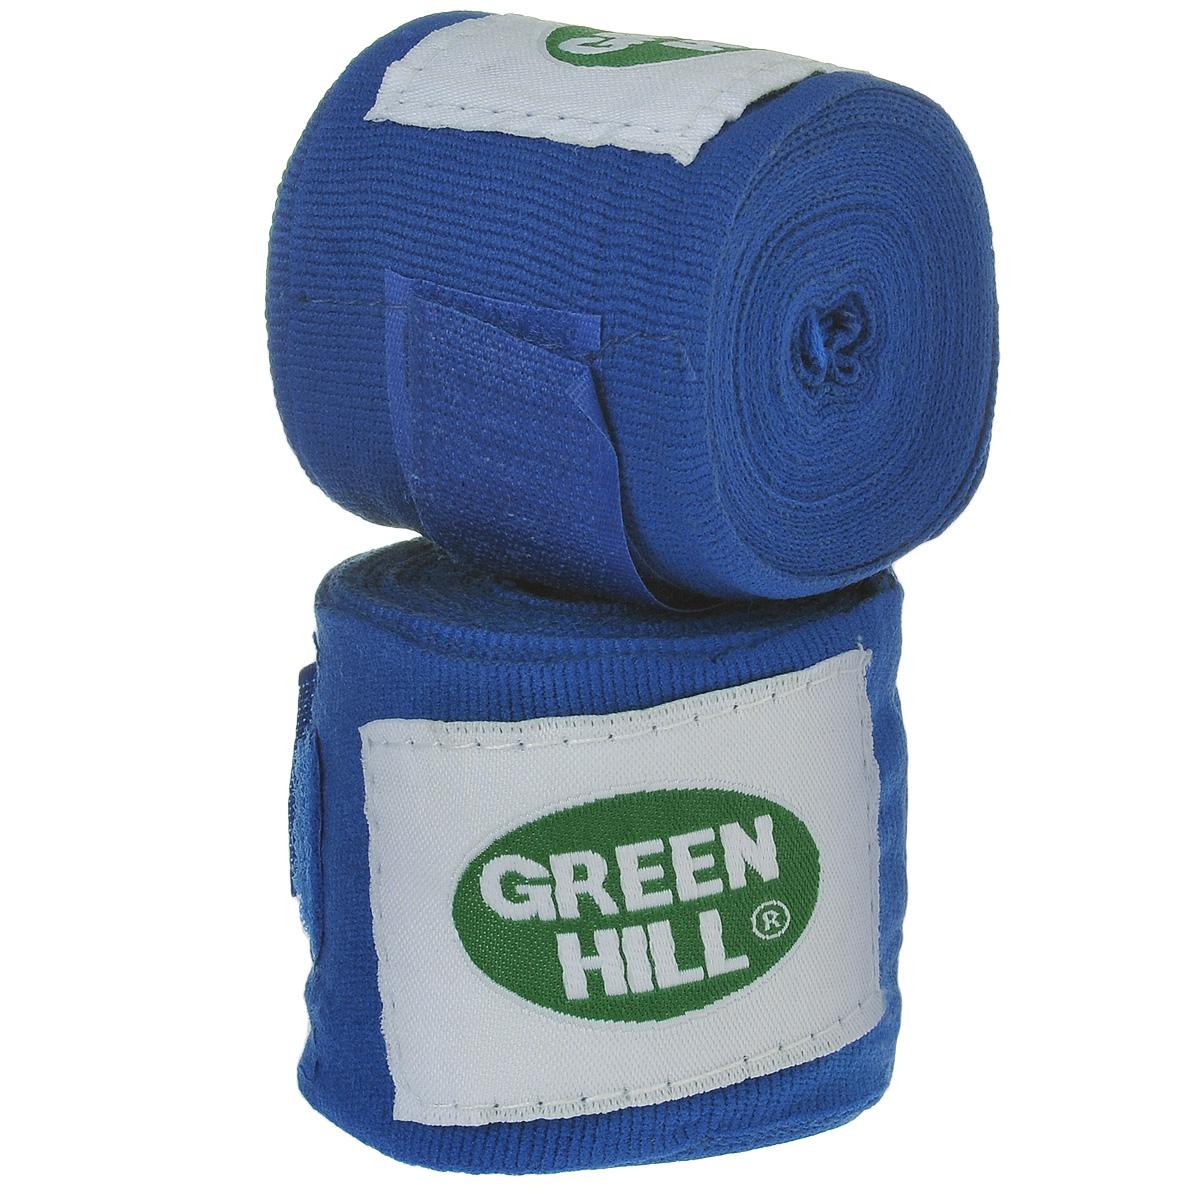 Бинты боксерские Green Hill, эластик, цвет: синий, 3,5 м, 2 штJE-2783_339684Бинты Green Hill предназначены для защиты запястья во время занятий боксом. Изготовлены из высококачественного хлопка с добавлением эластана. Бинты надежно закрепляются на руке застежкой на липучке.Длина бинтов: 3,5 м.